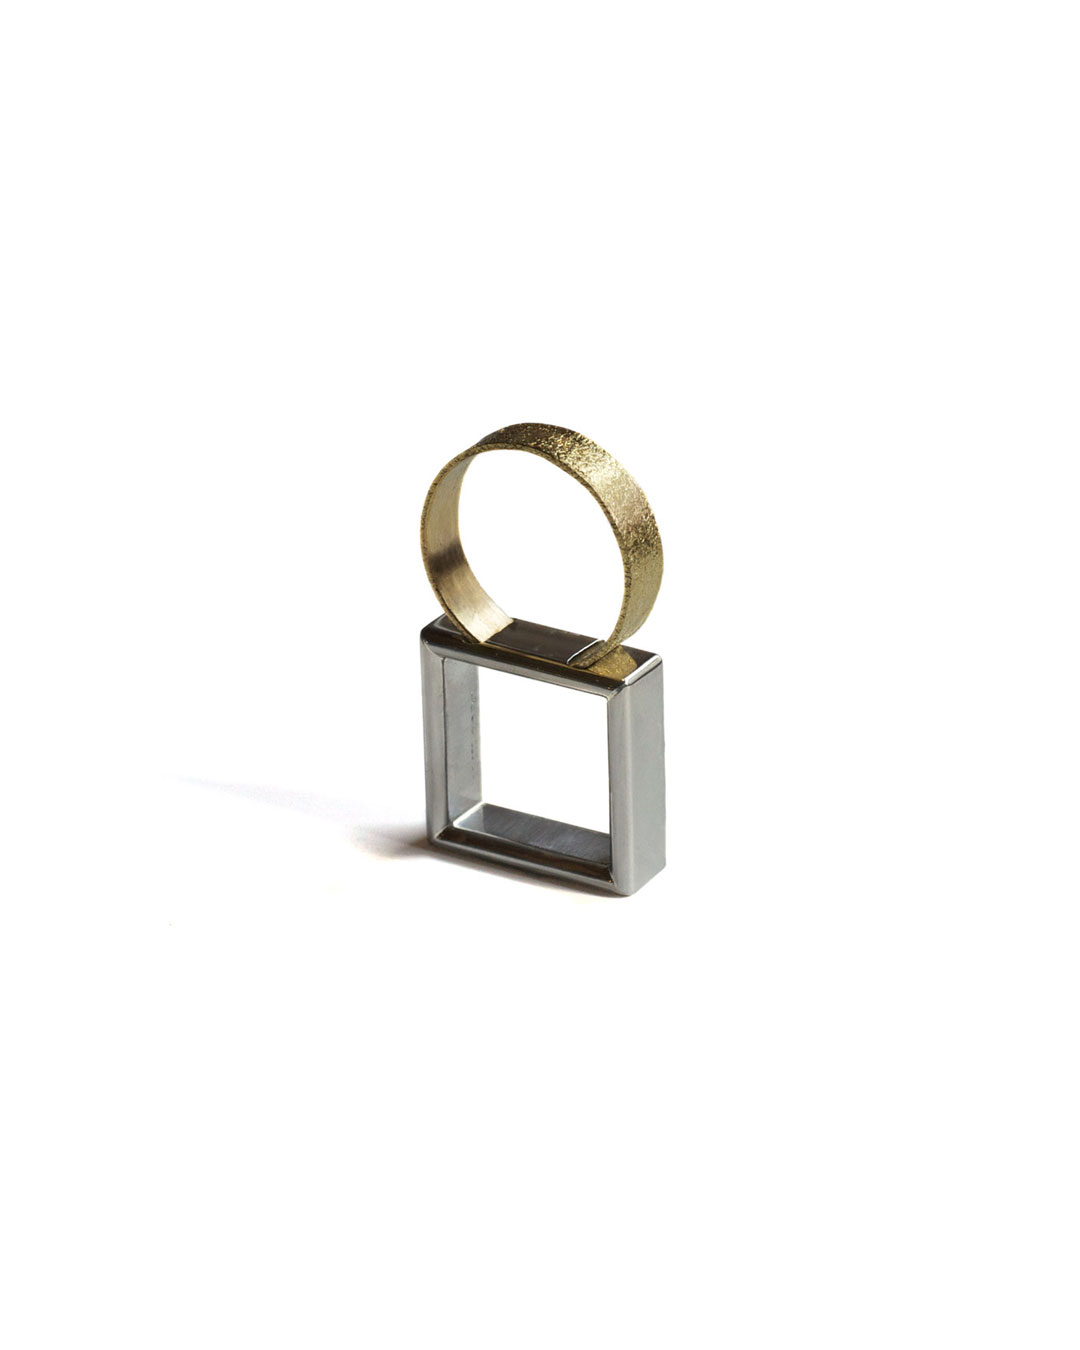 Okinari Kurokawa, untitled, 2013, ring; 20ct gold, stainless steel, 62 x 22 x 8 mm, €1250